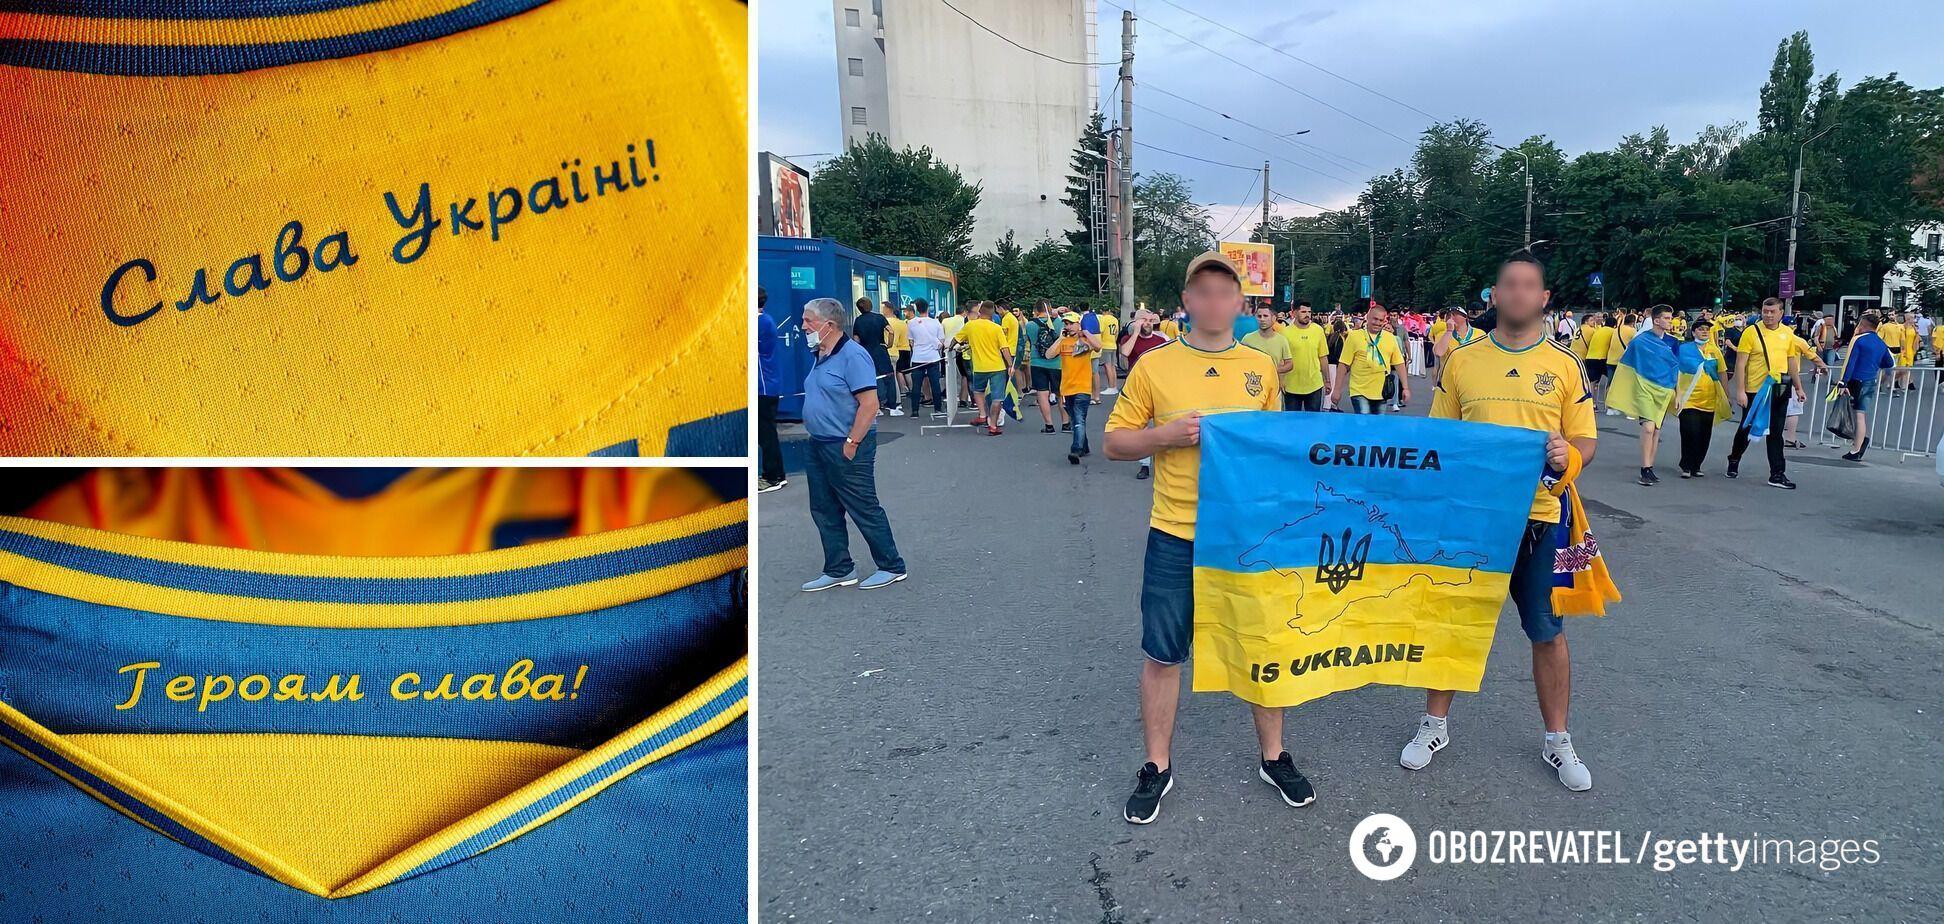 Українців змусили пройти на стадіон в Бухаресті без карти Криму